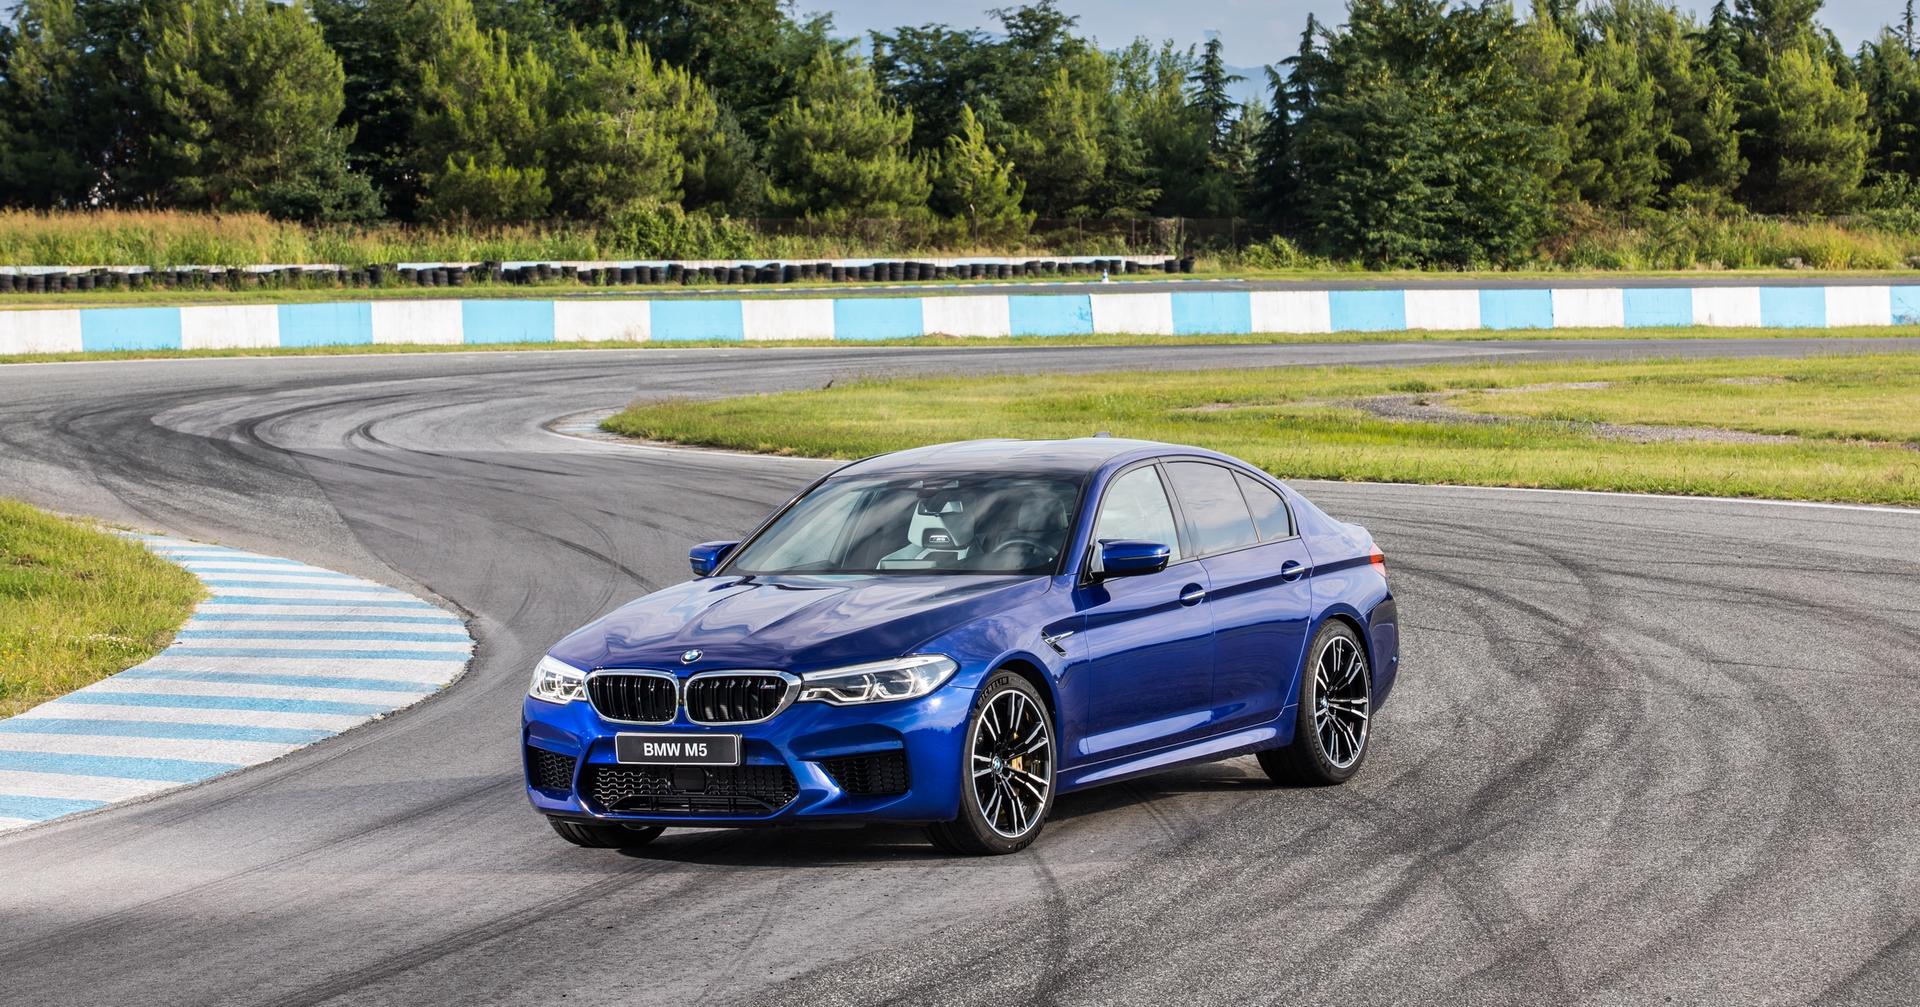 BMW_M5_greek_presskit_0003